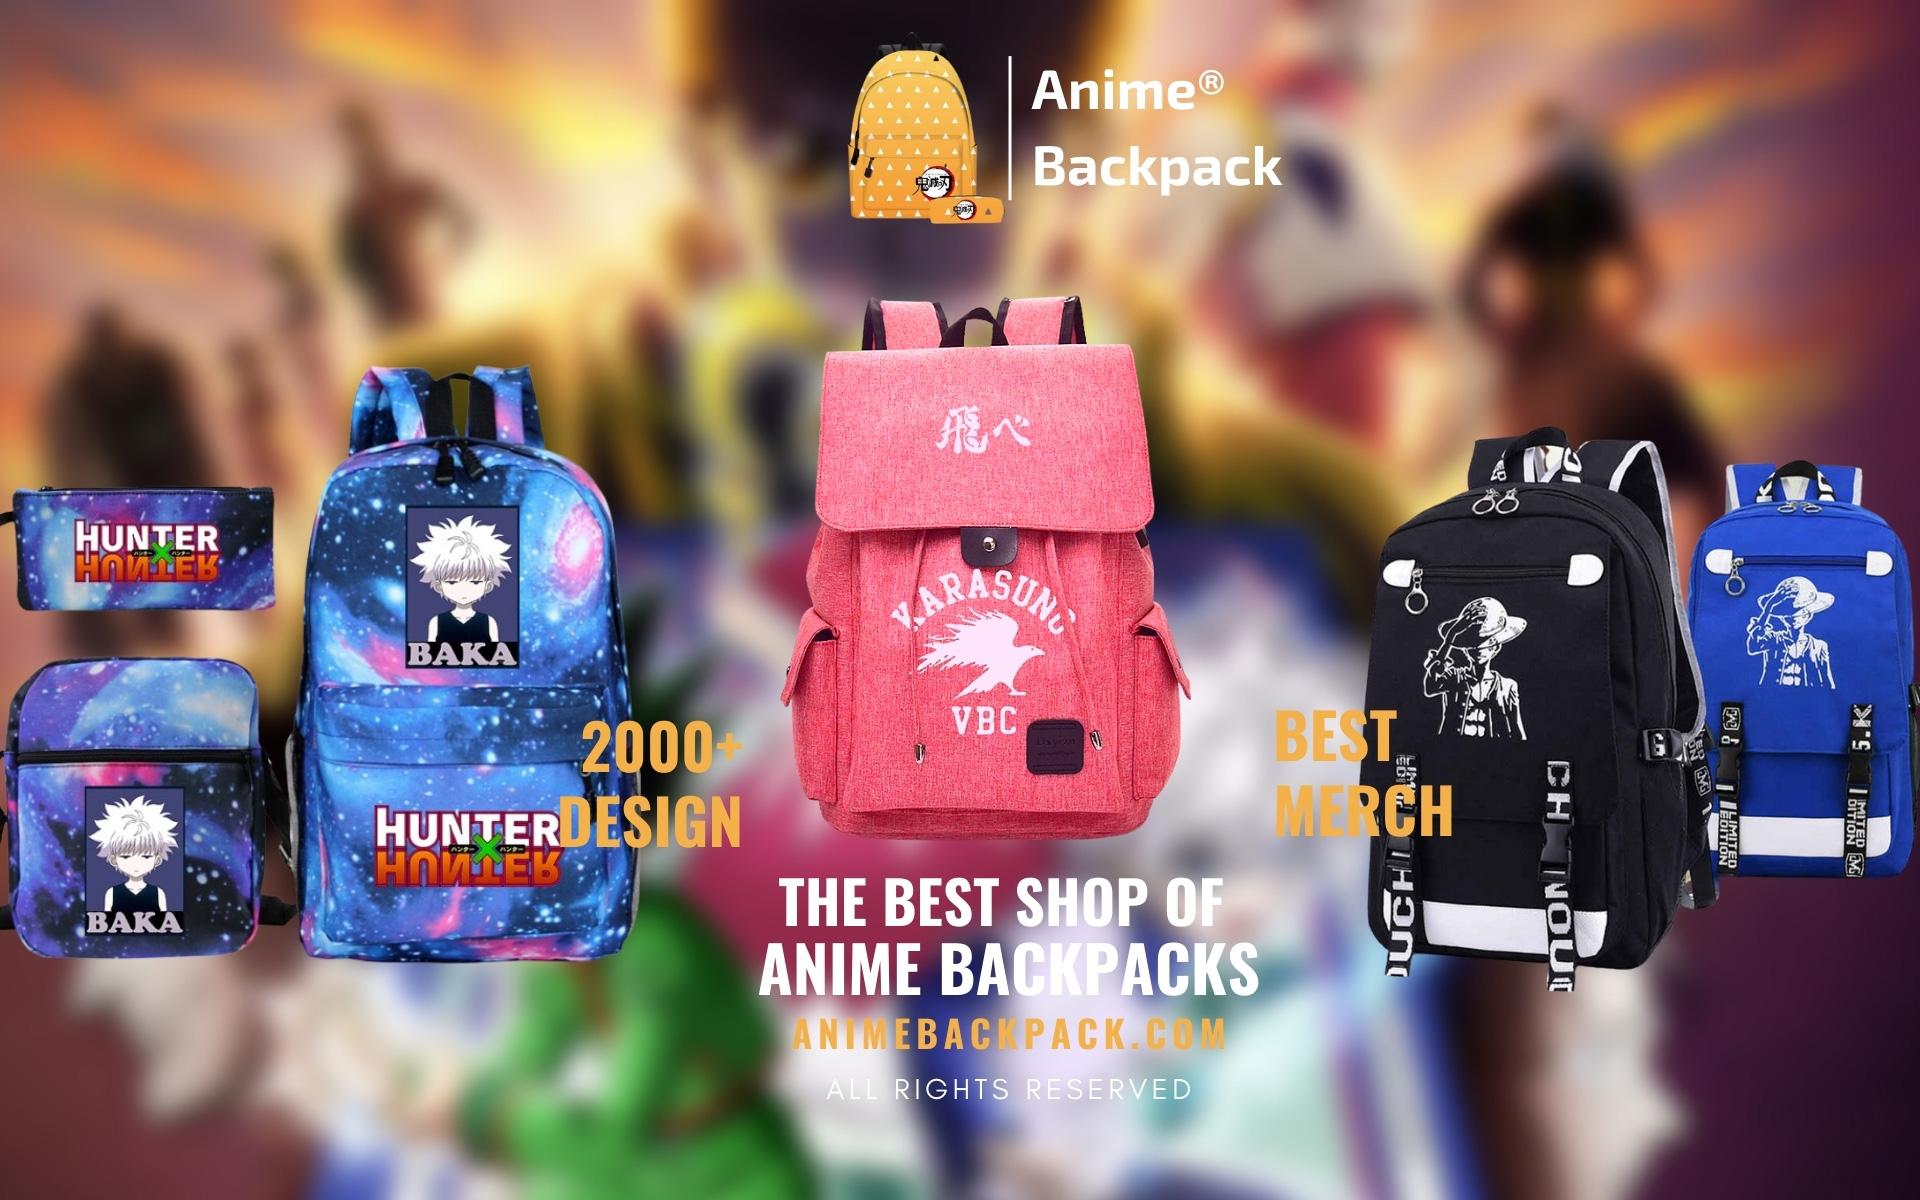 Anime Backpack Web Banner - Anime Backpacks